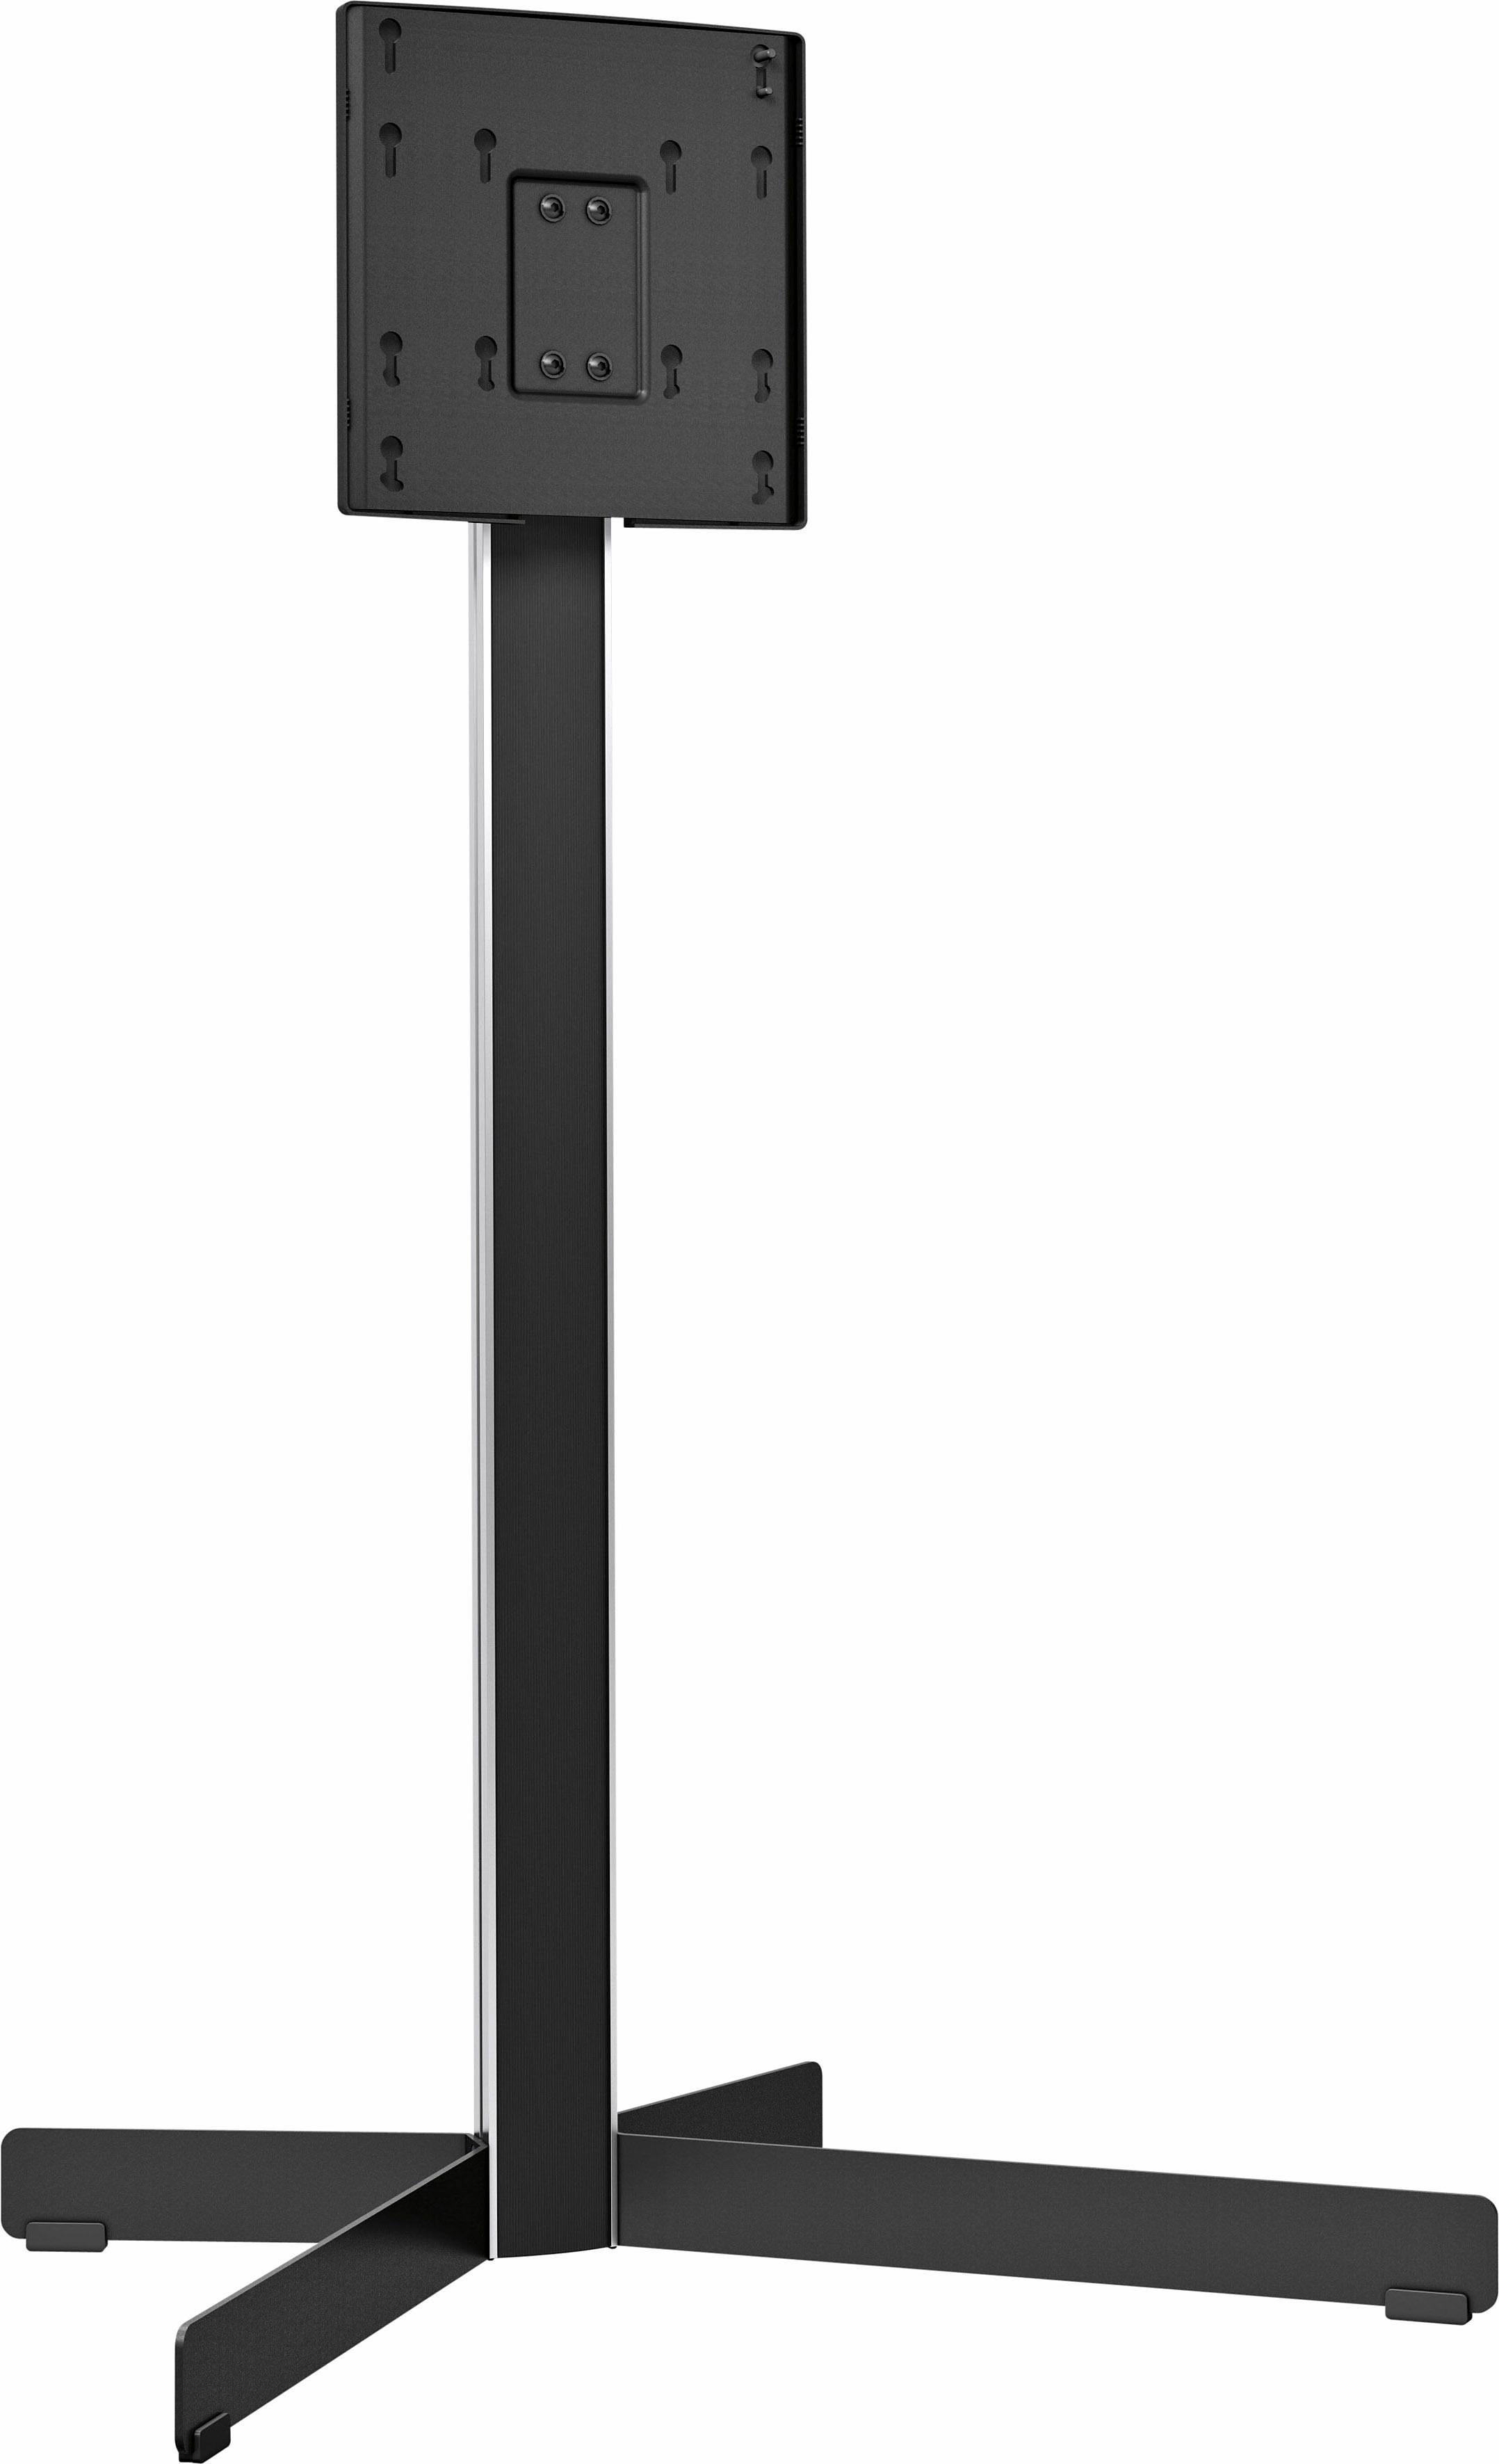 vogel's® TV-Standfuß »EFF 8230«, drehbar, für 48-94 cm (19-37 Zoll) Fernseher, VESA 200x200